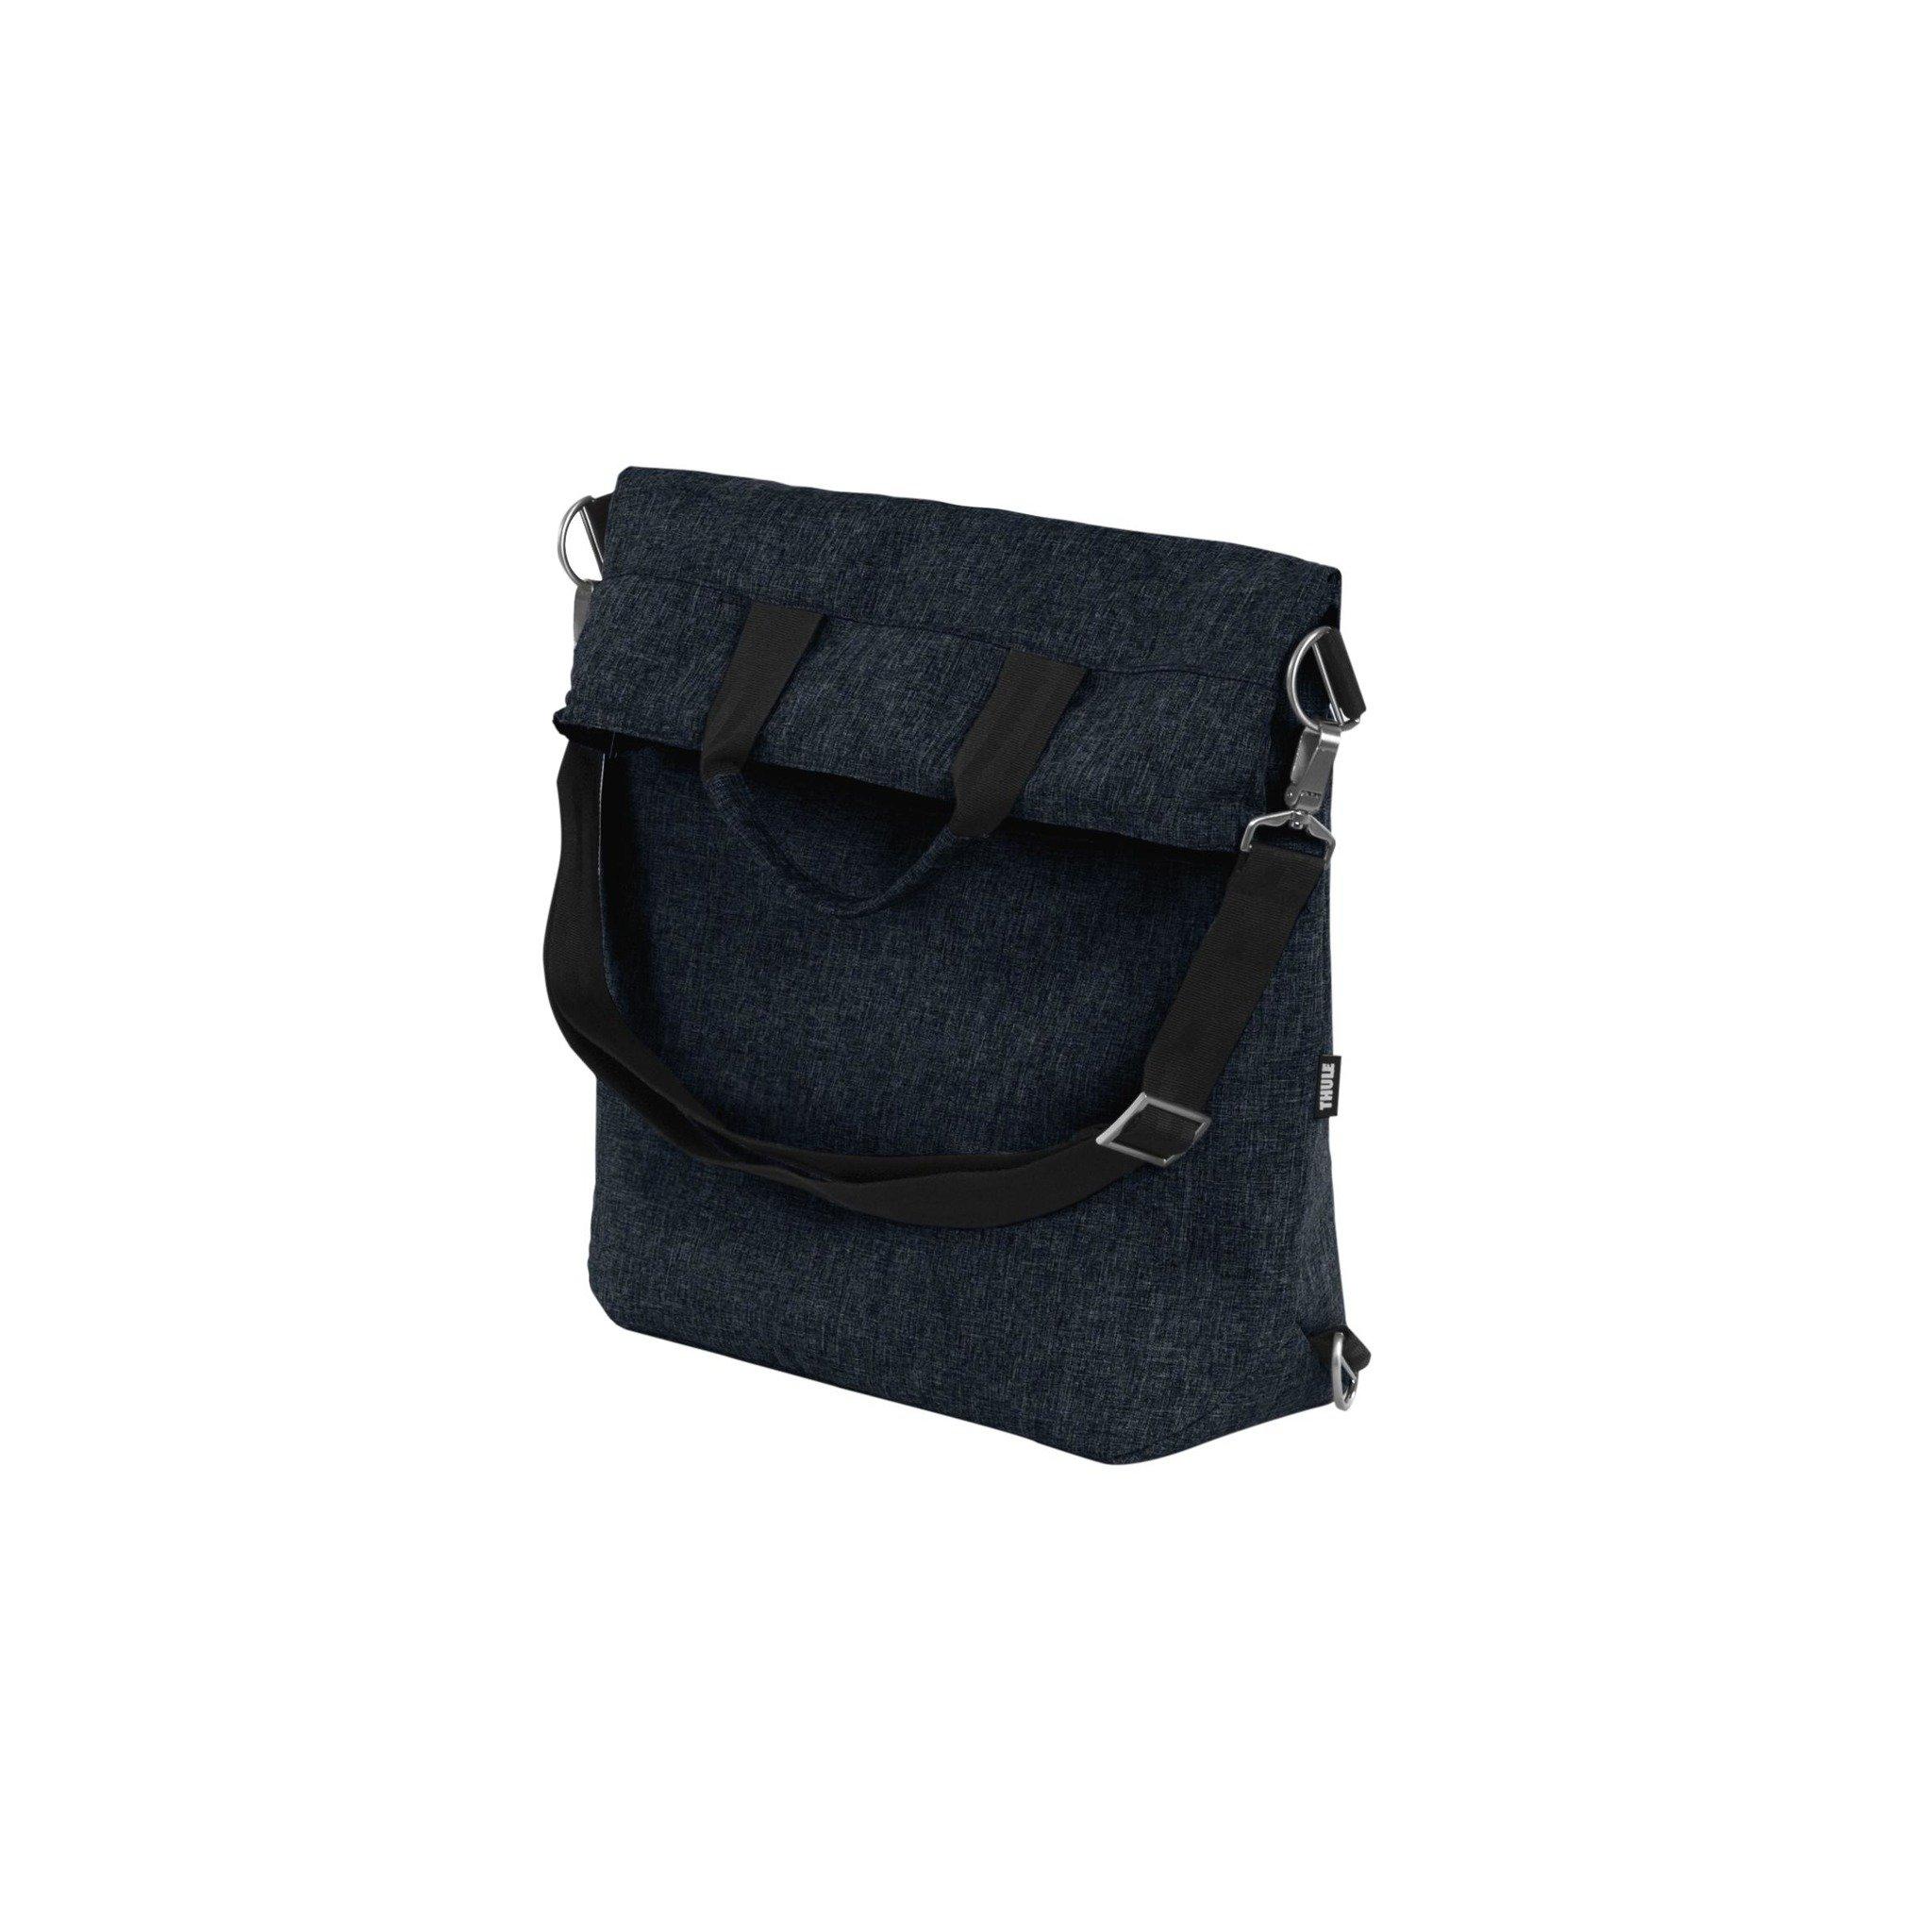 Thule Sleek - torba do wózka - Navy Blue